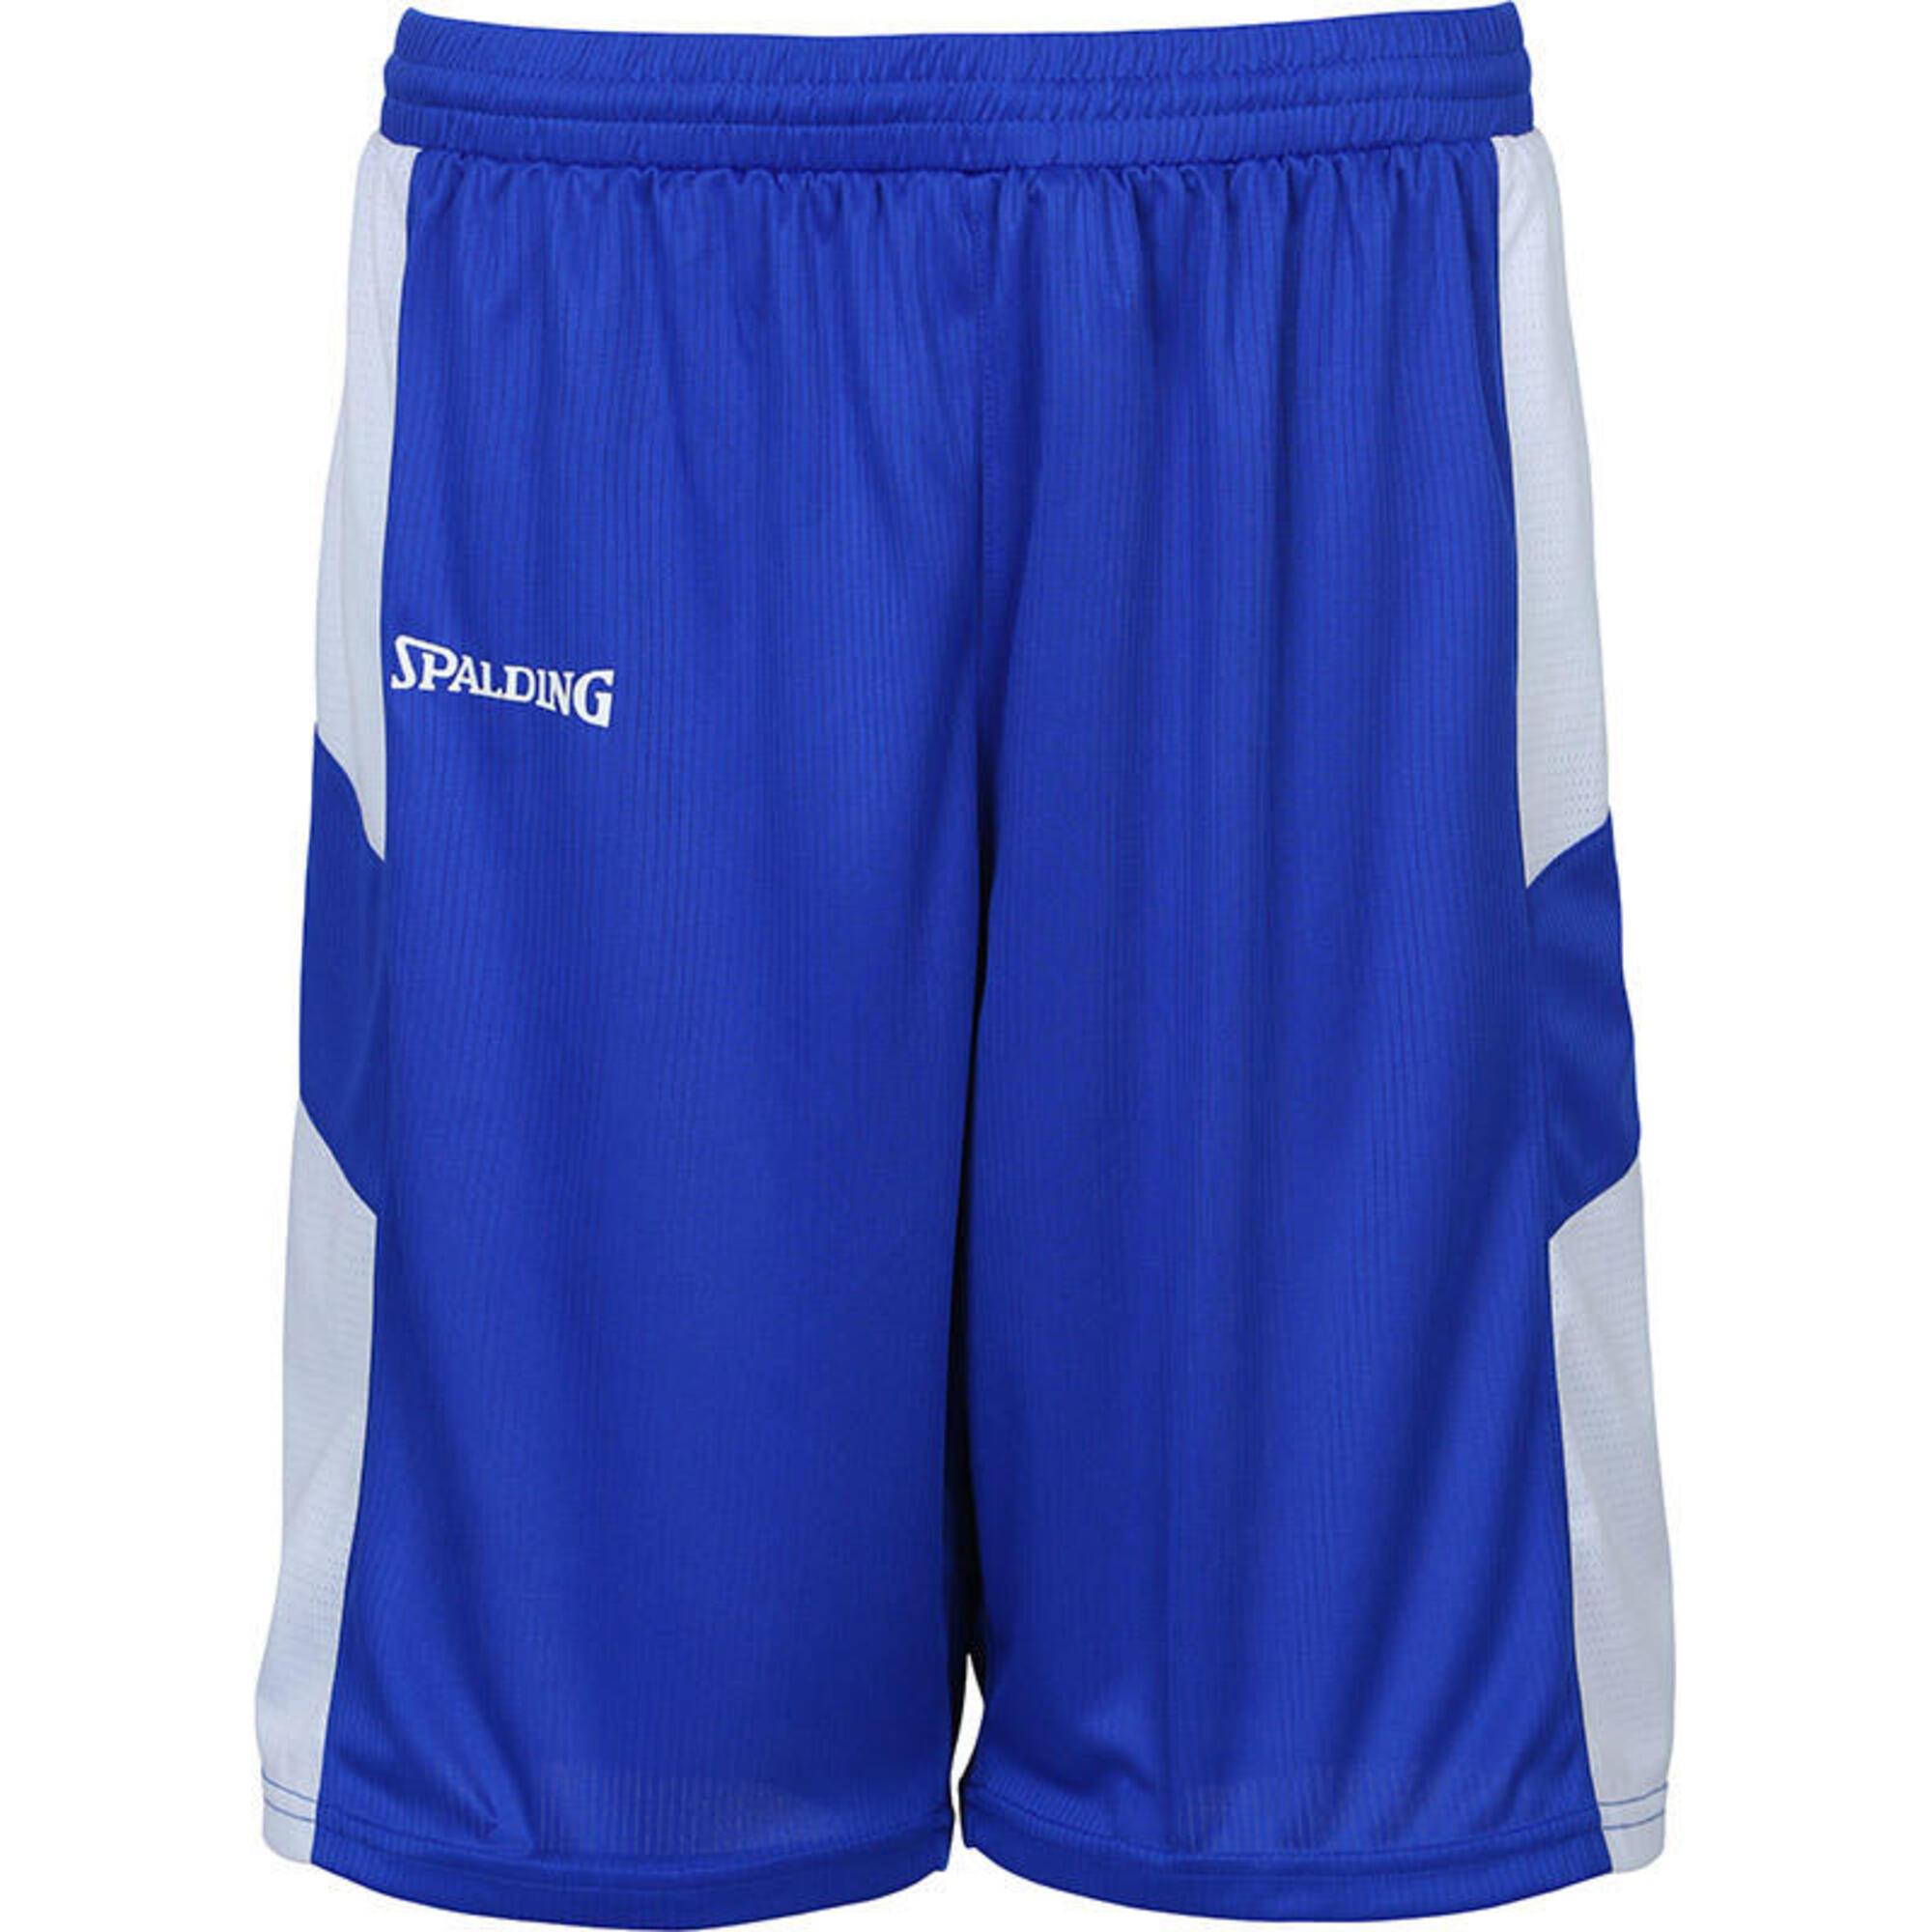 Spalding All Star Short